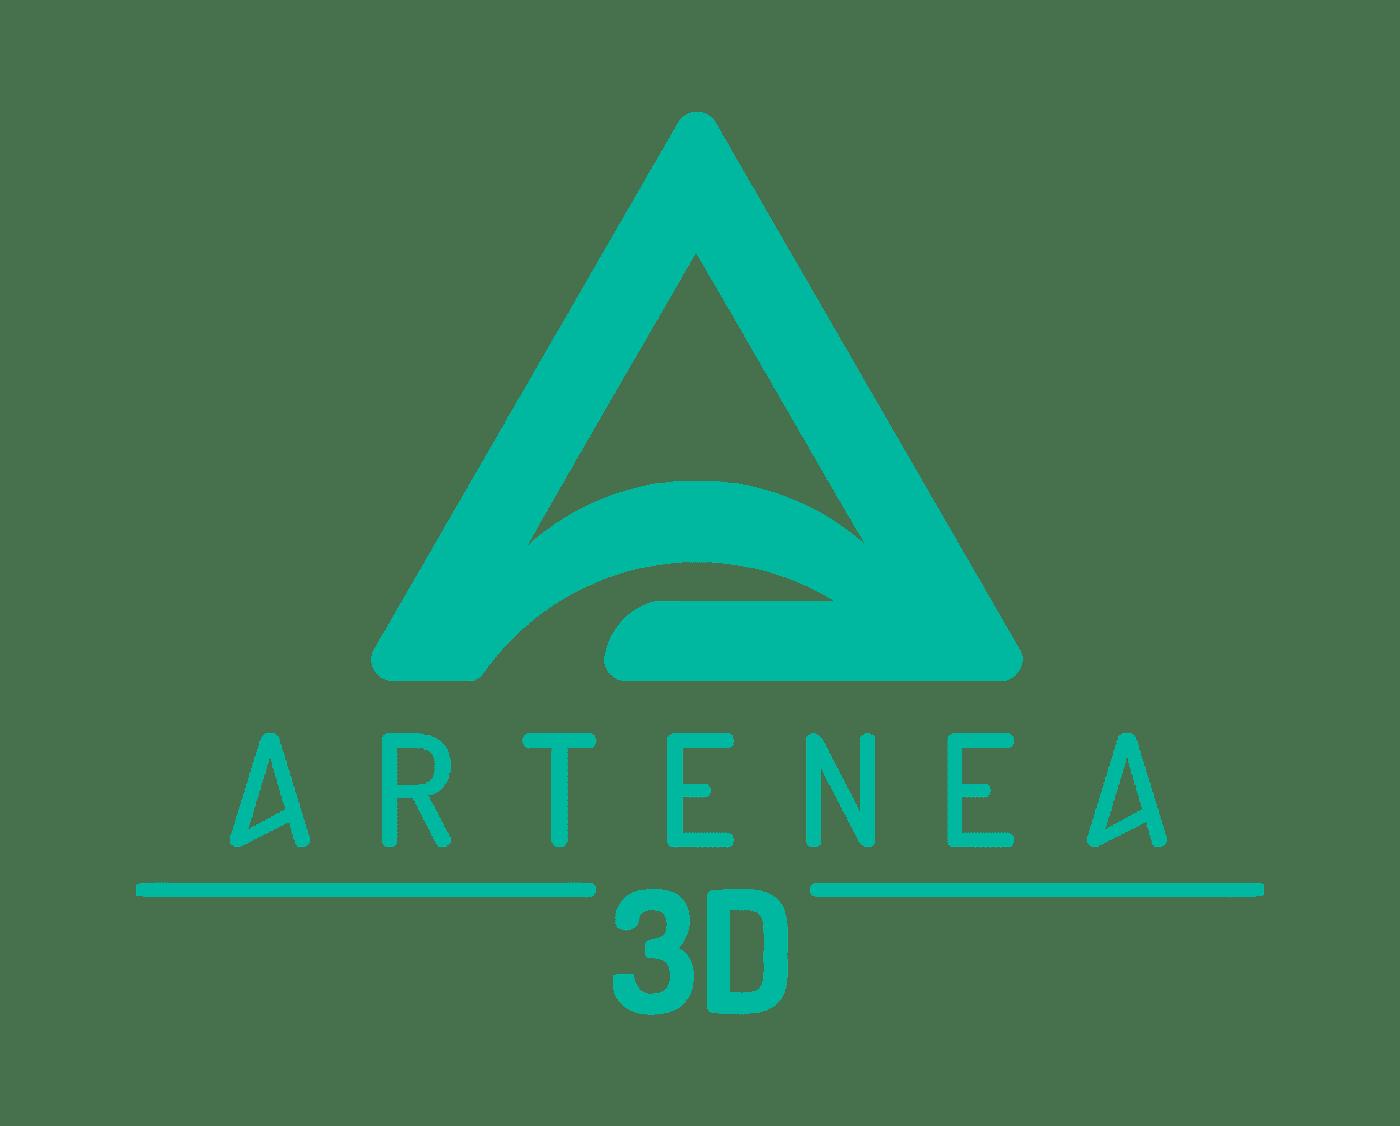 logo artenea 3d